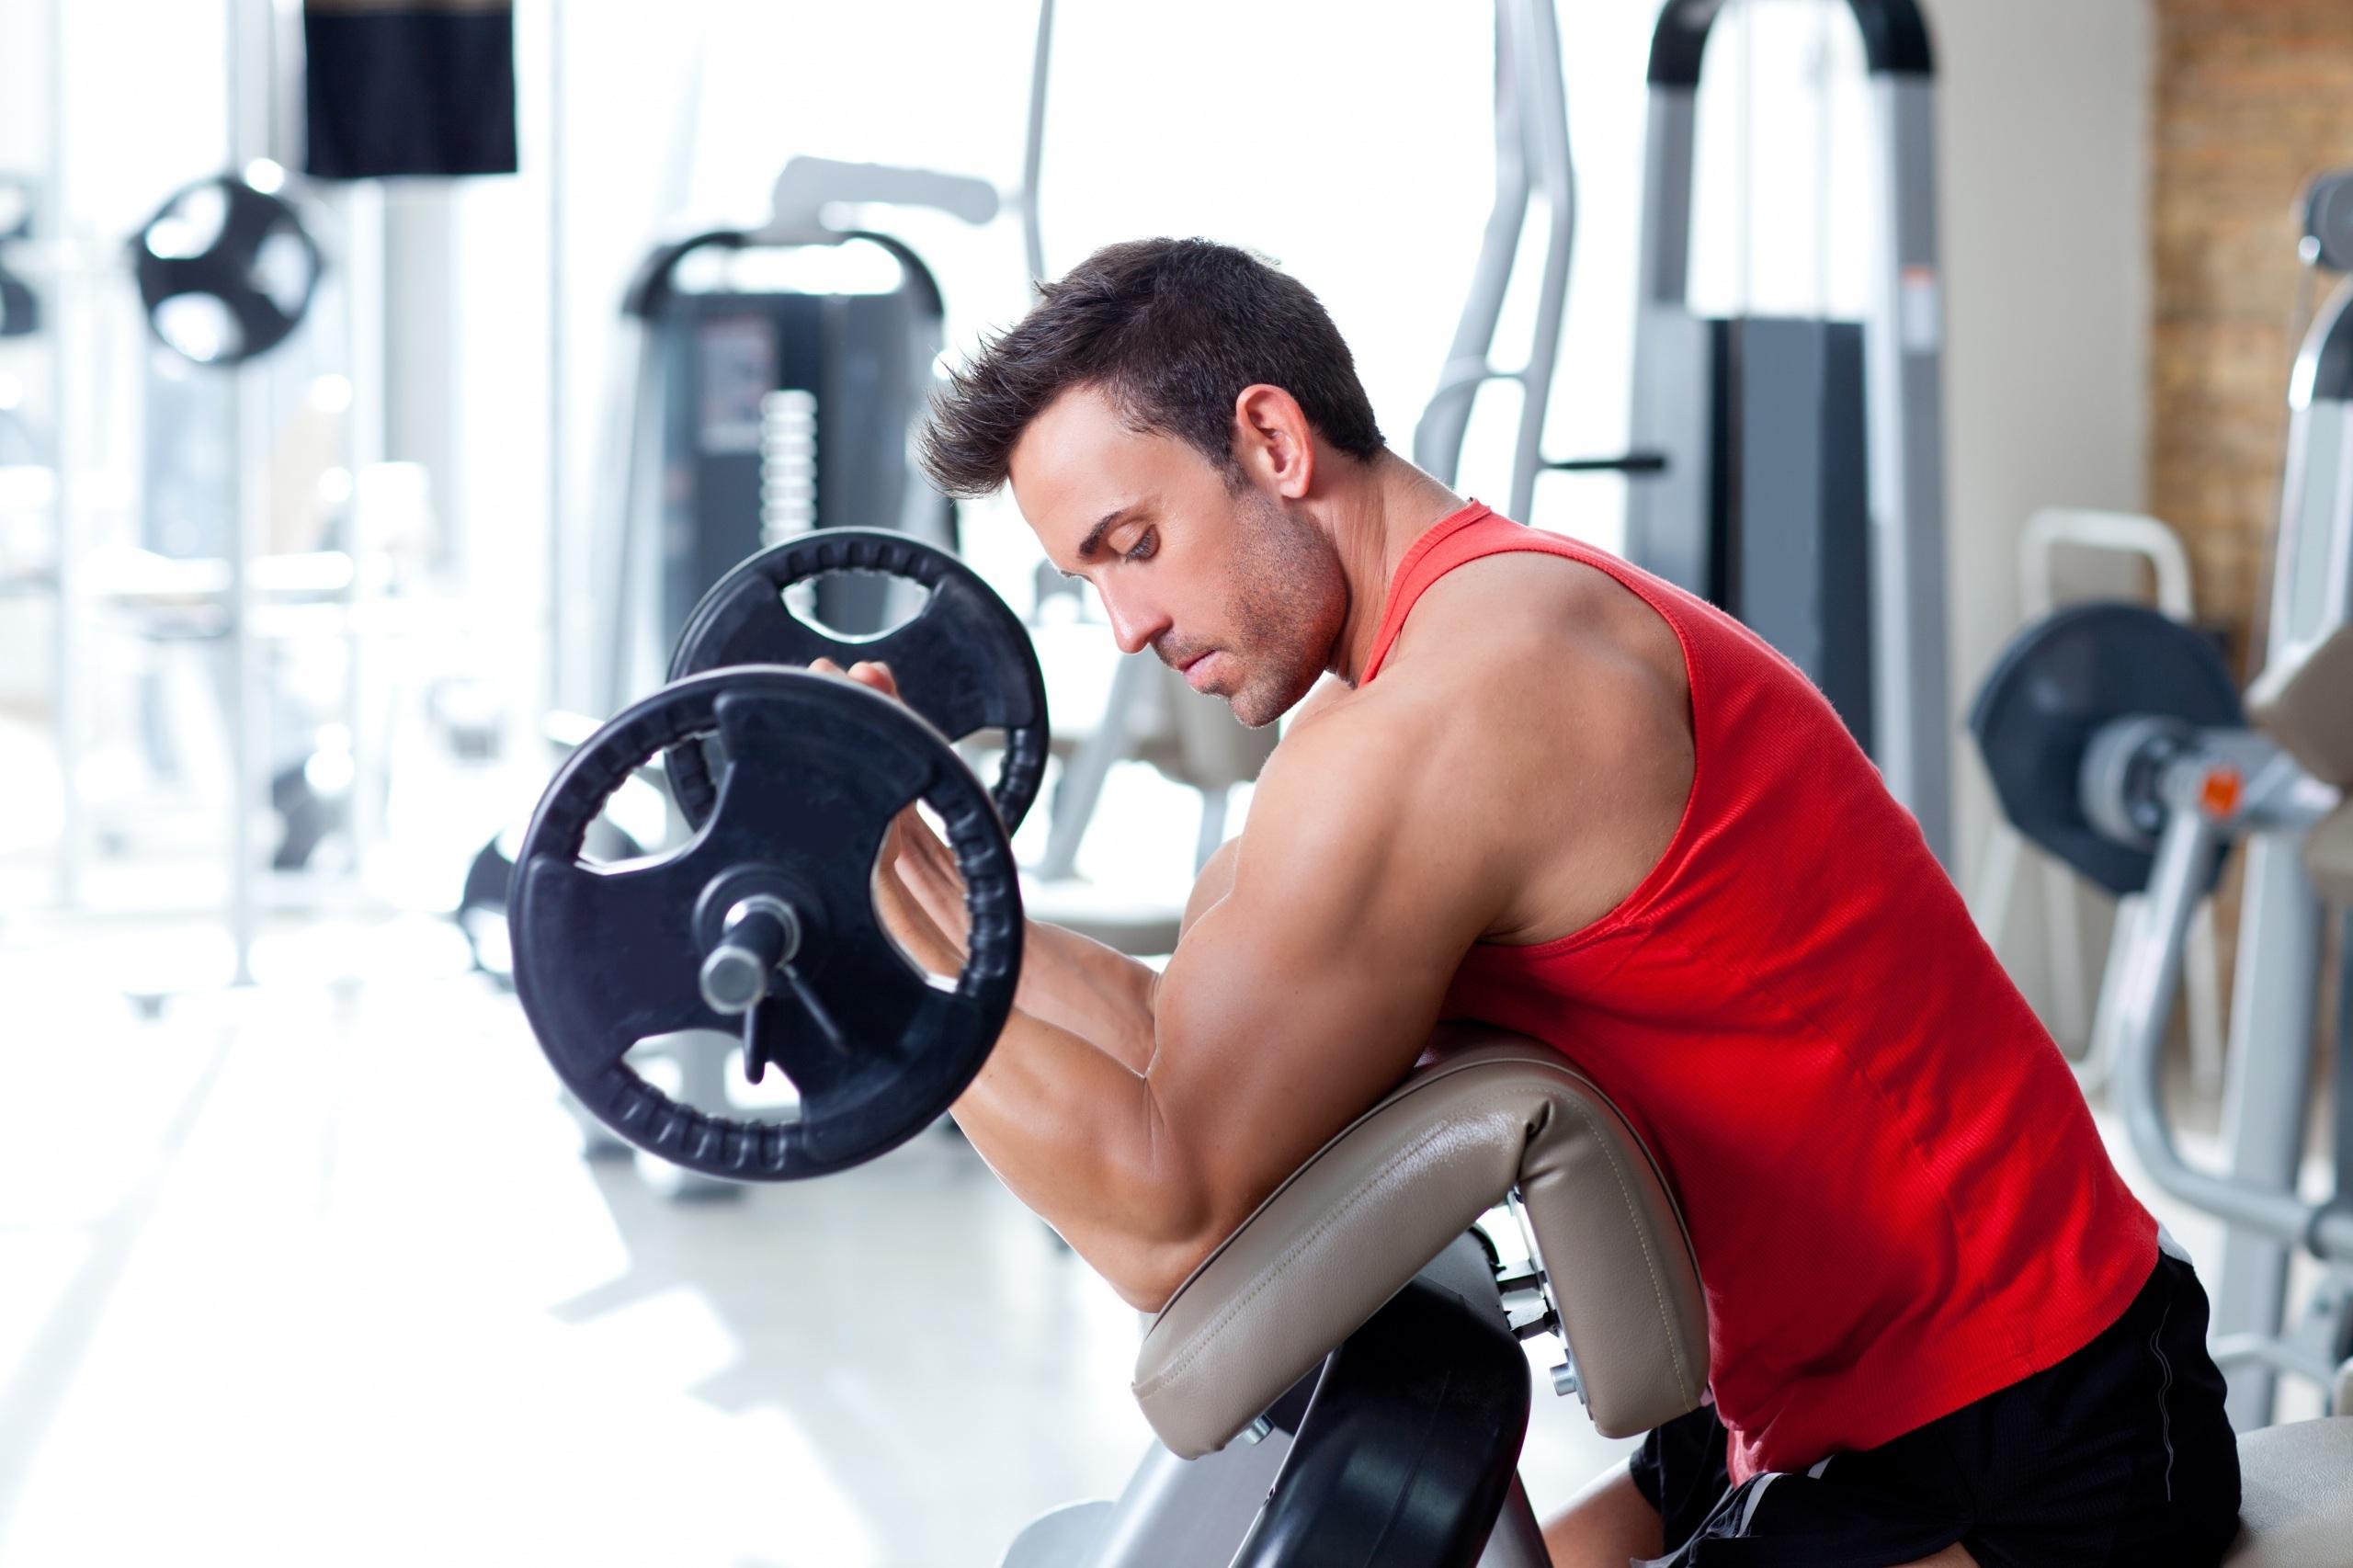 Тренировка в картинках в спортзал, надписью